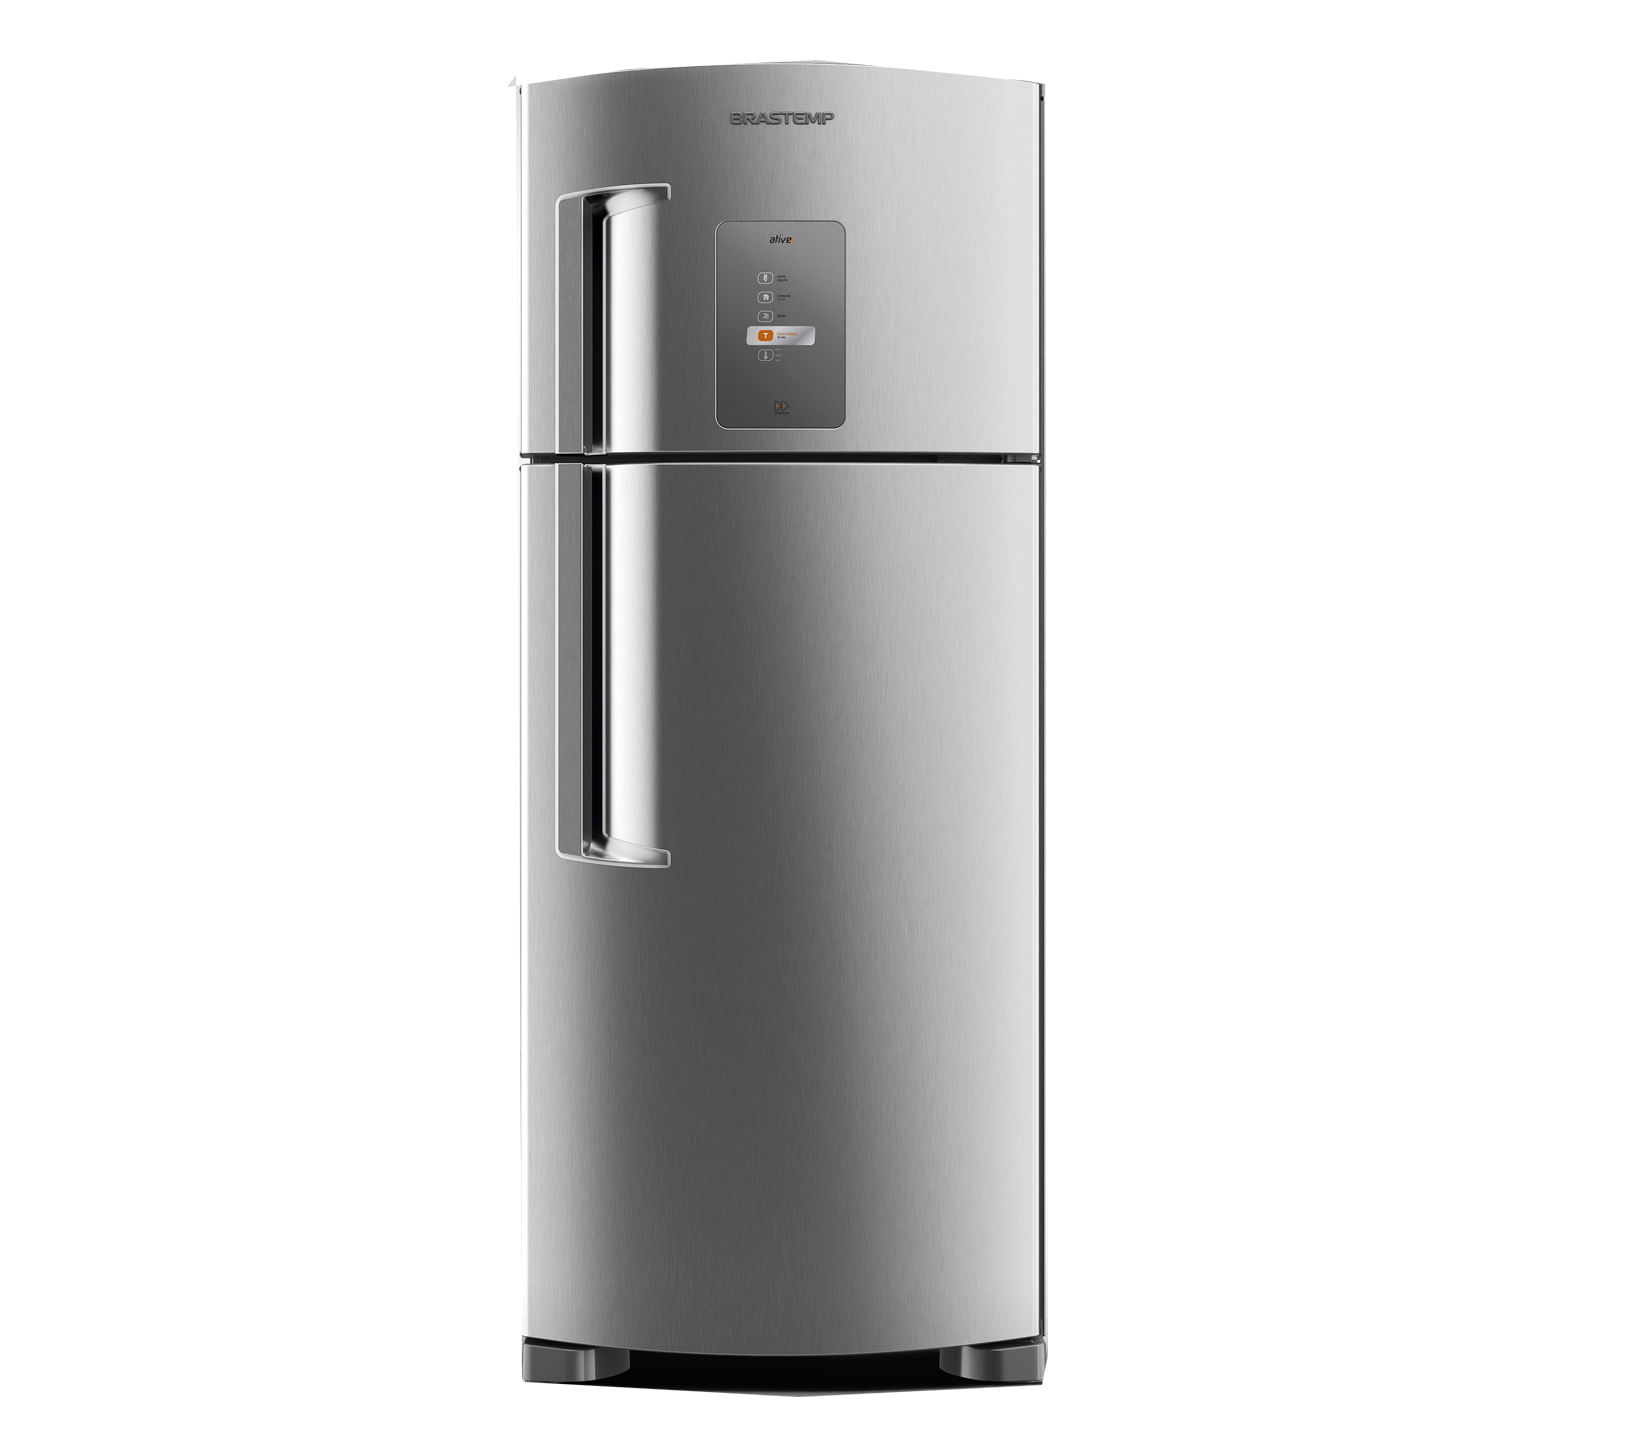 Geladeira Brastemp Frost Free Duplex 403 litros cor Inox com Twist Ice